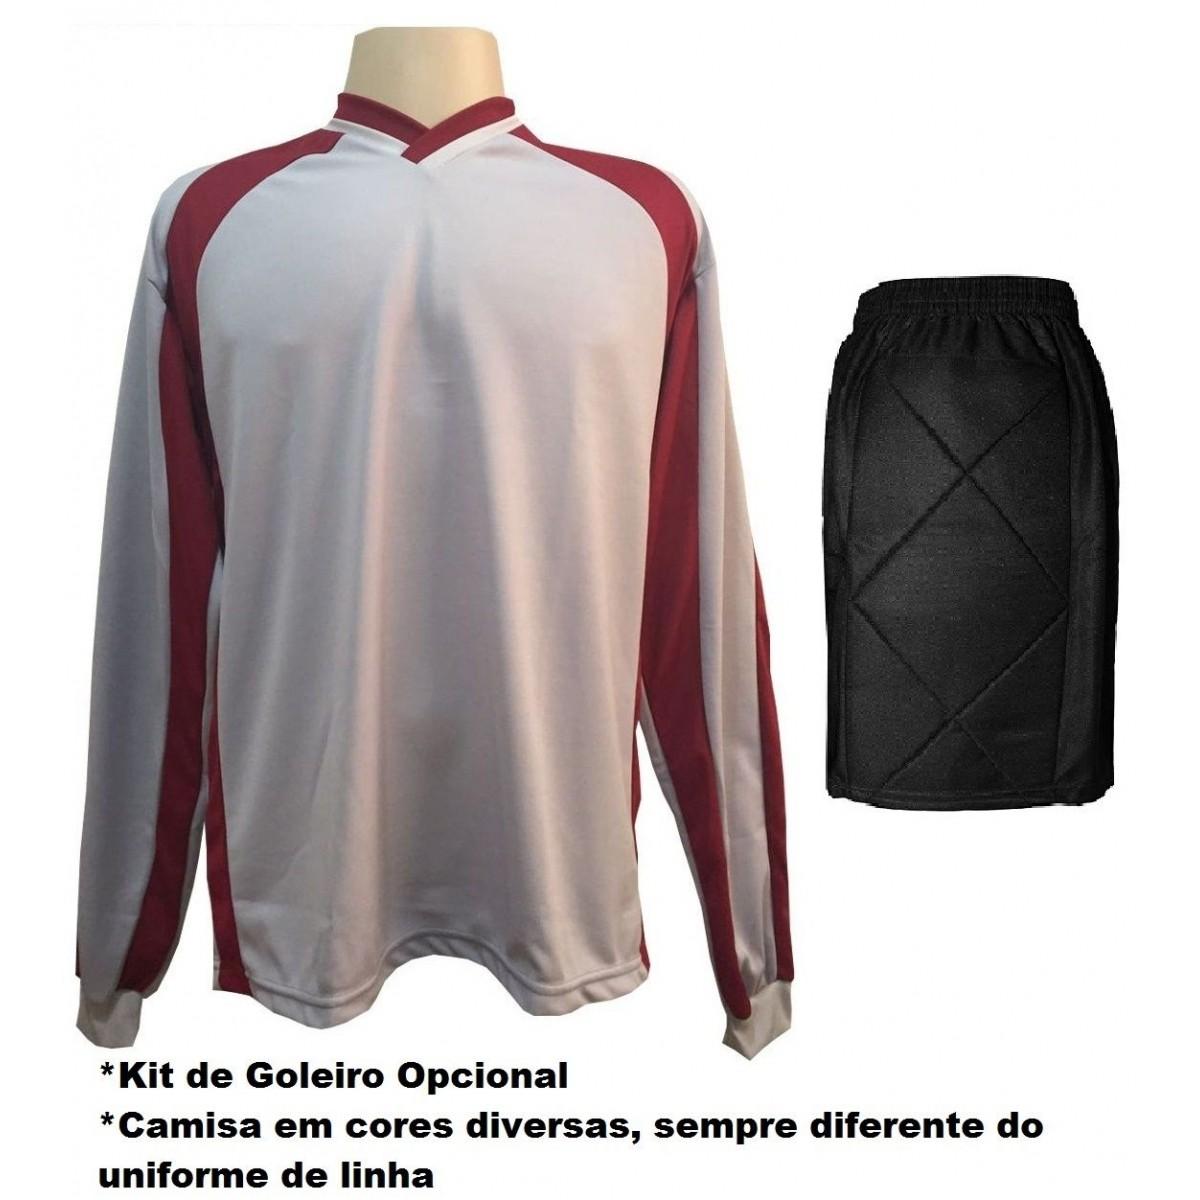 Uniforme Esportivo com 20 Camisas modelo Milan Celeste/Branco + 20 Calções modelo Madrid Preto + Brindes